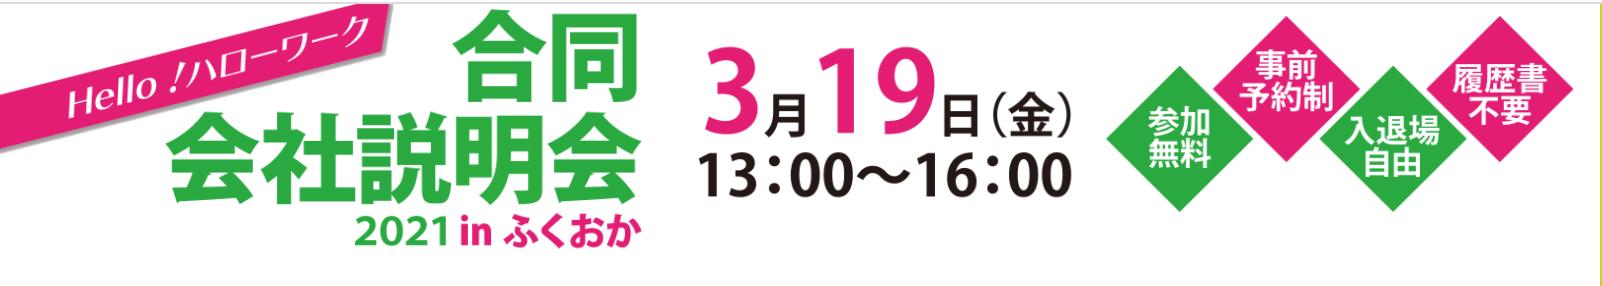 Hello!ハローワーク 合同会社説明会2021 in ふくおか